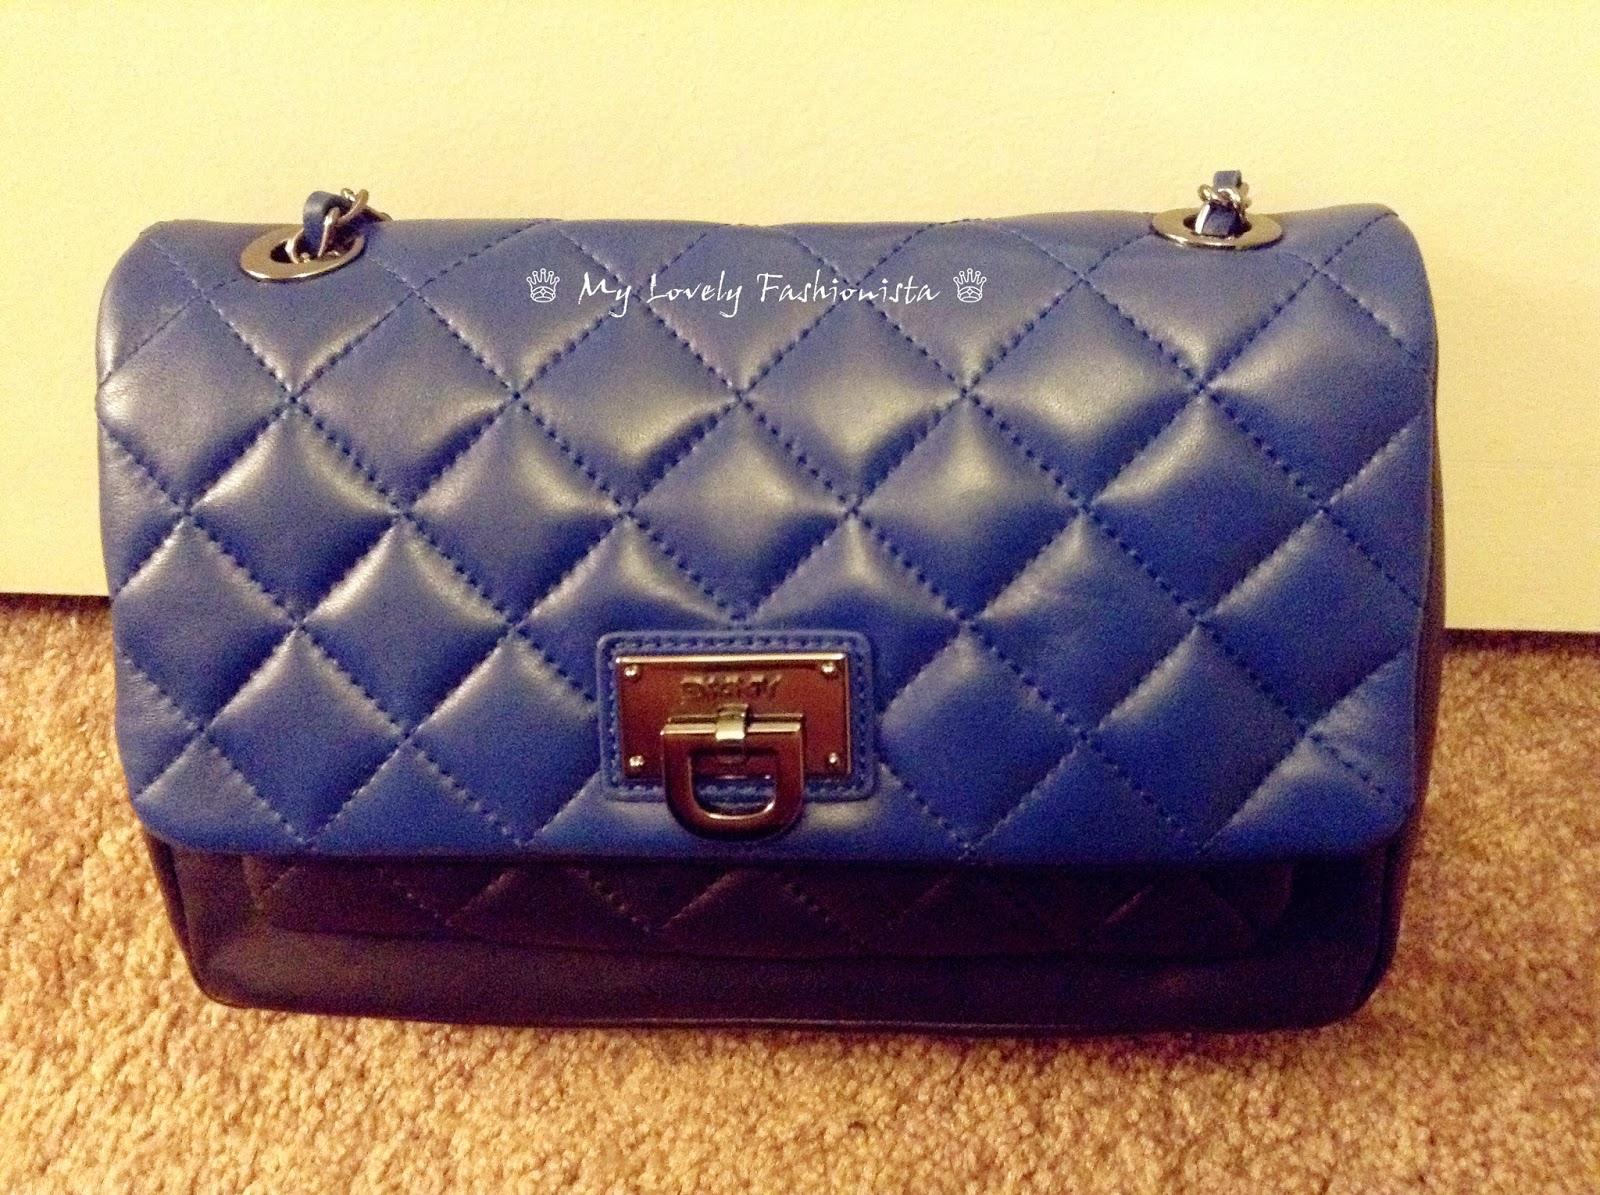 d55cd176e69 DKNY Shoulder Bag - Gansevoort Quilted Colorblock Flap Pocket